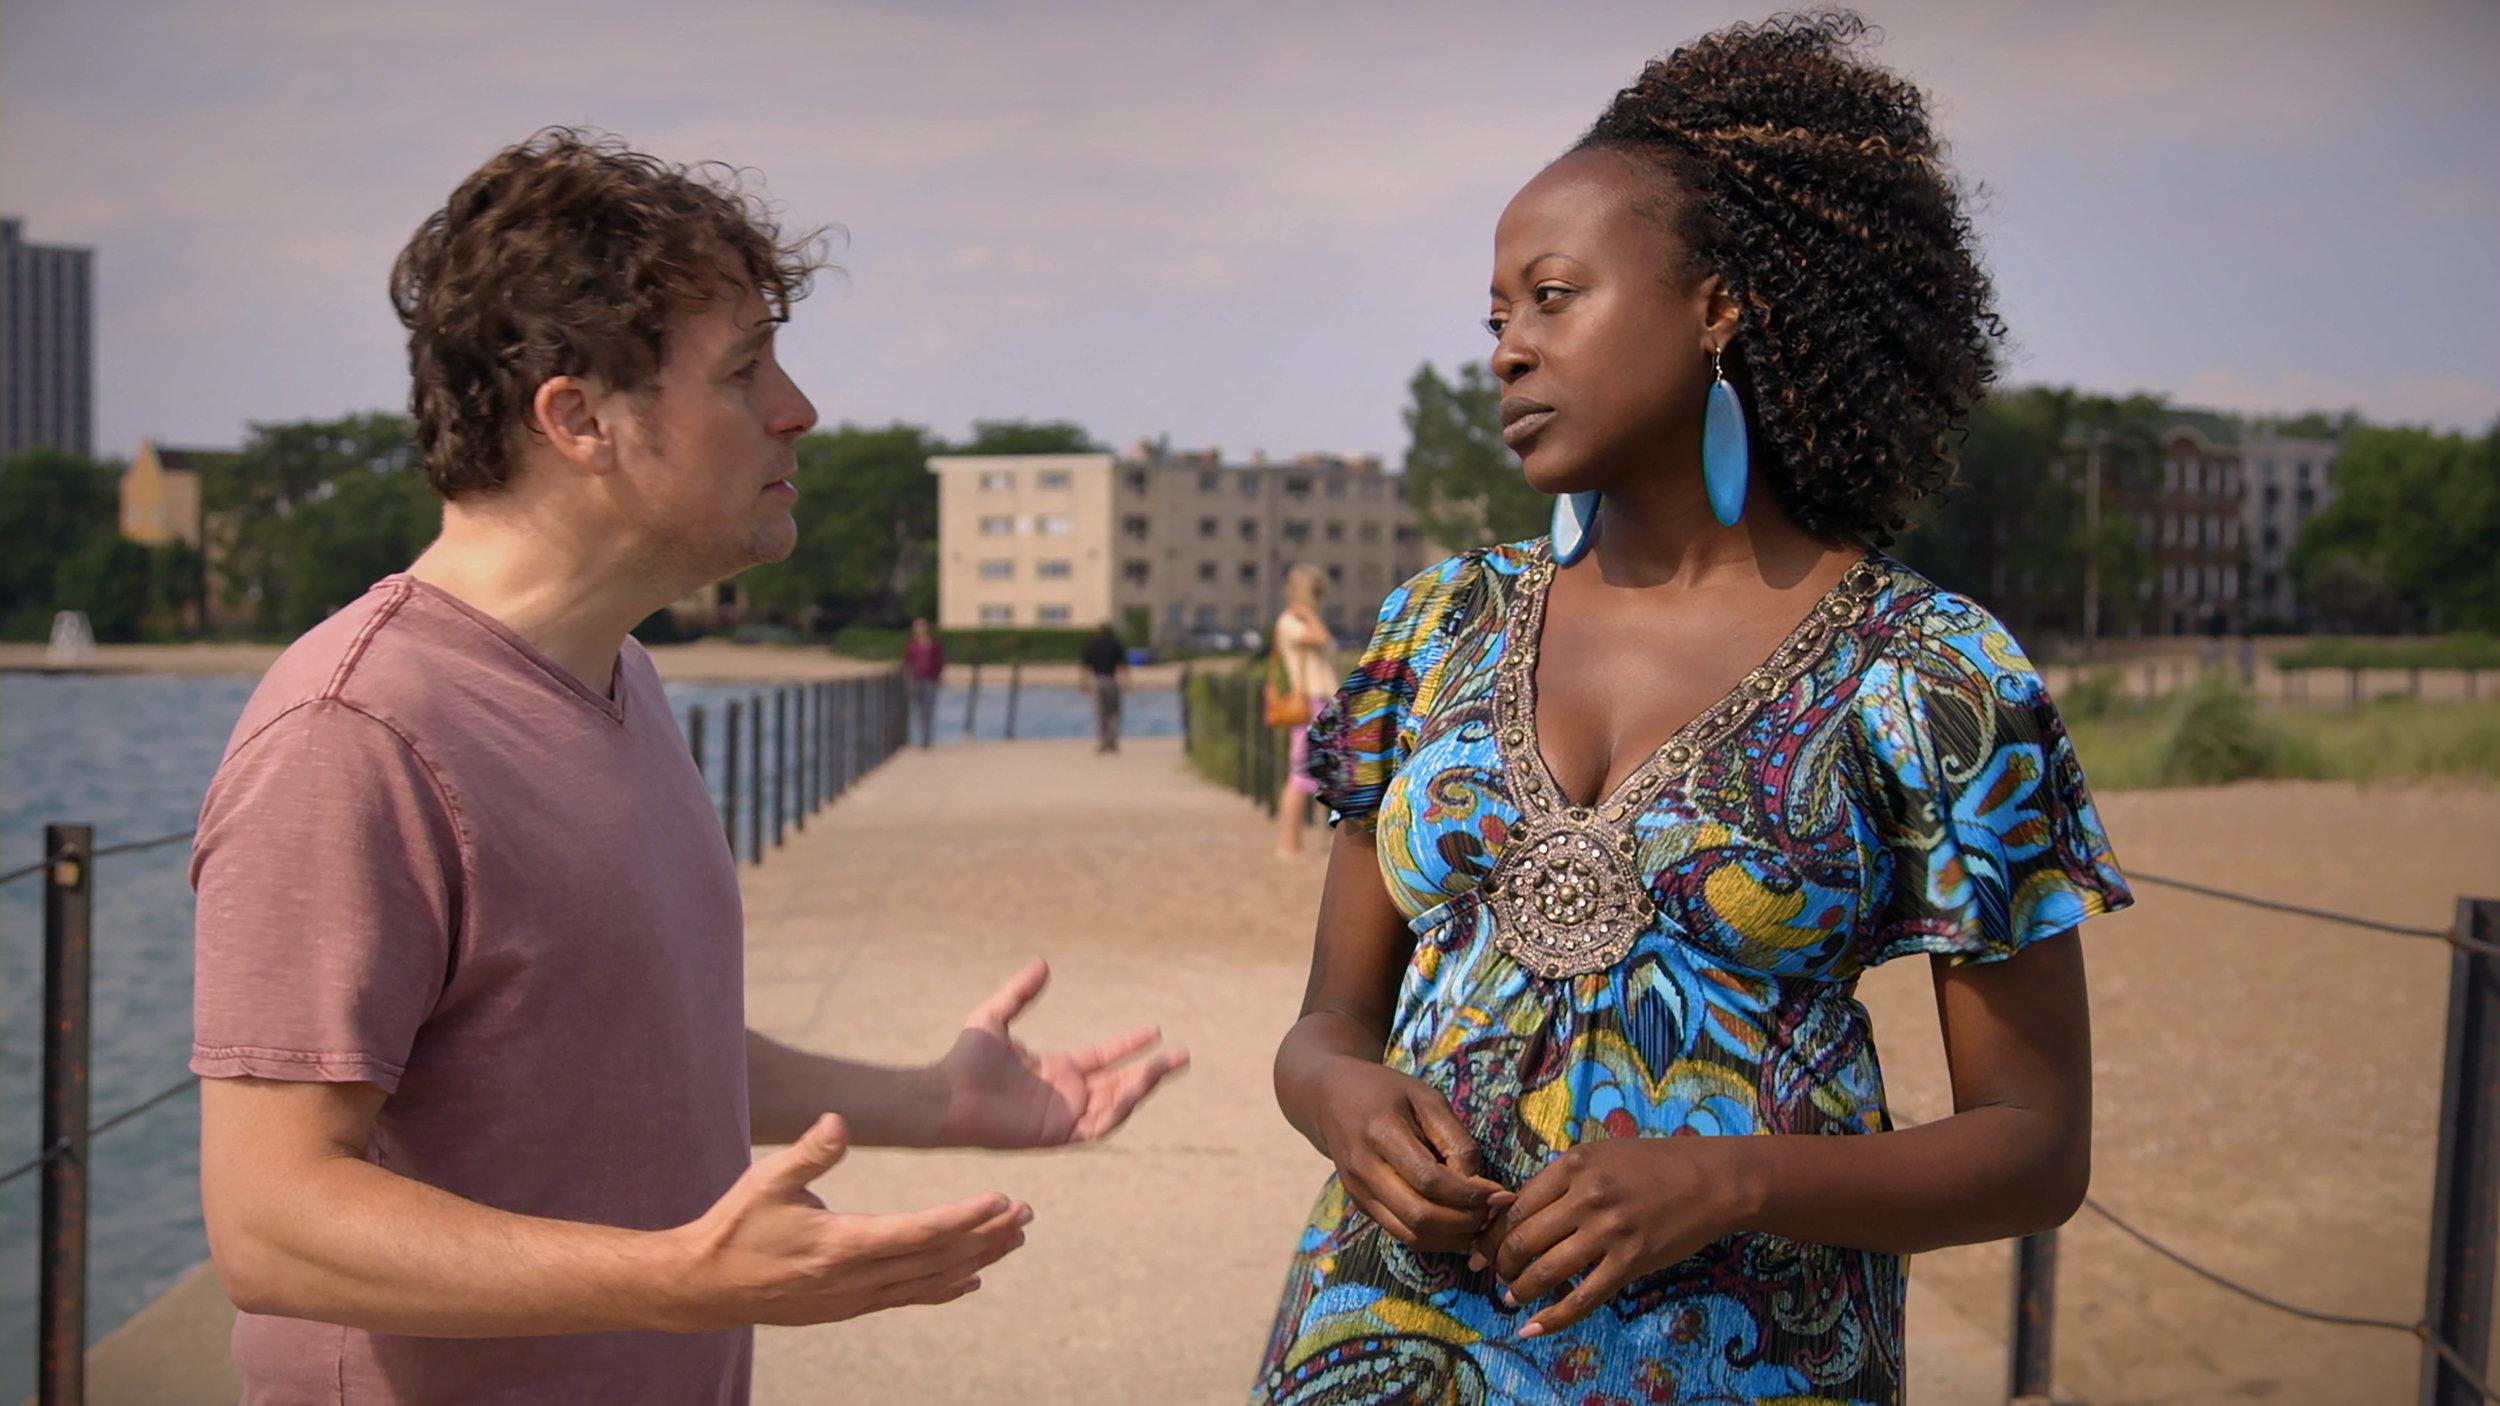 (Image:rogersparkfilm.com)